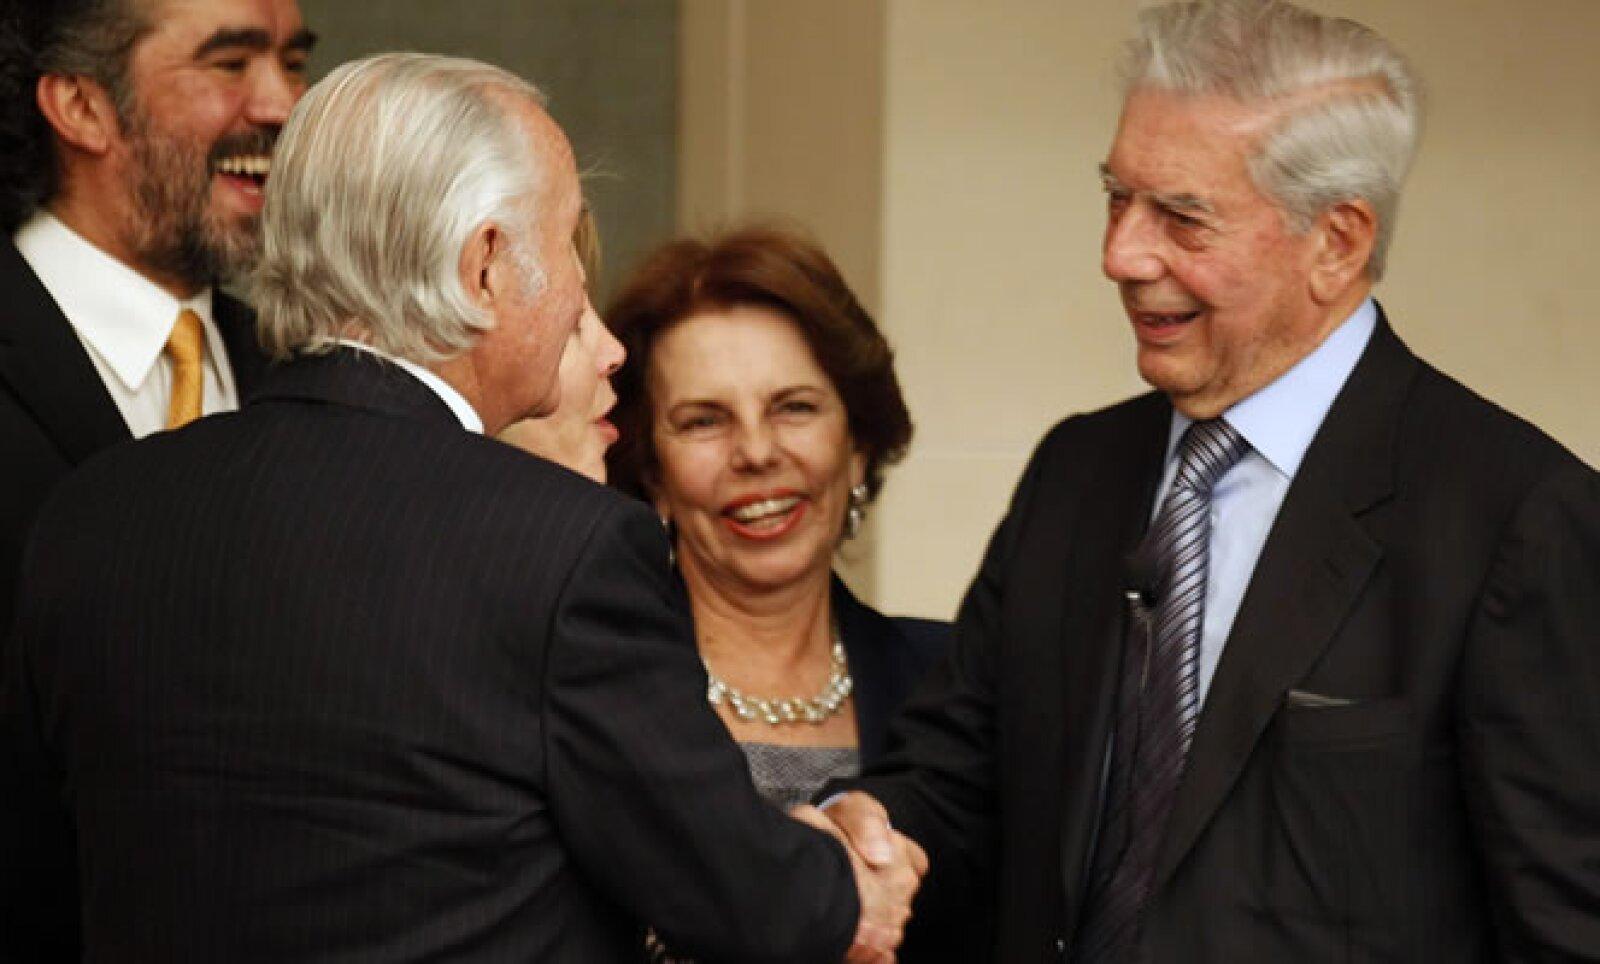 Carlos Fuentes se reunió con el premio Nobel de Literatura, Mario Vargas Llosa, después de una conferencia sobre innovación educativa, el 3 de marzo de 2011, en la Ciudad de México.